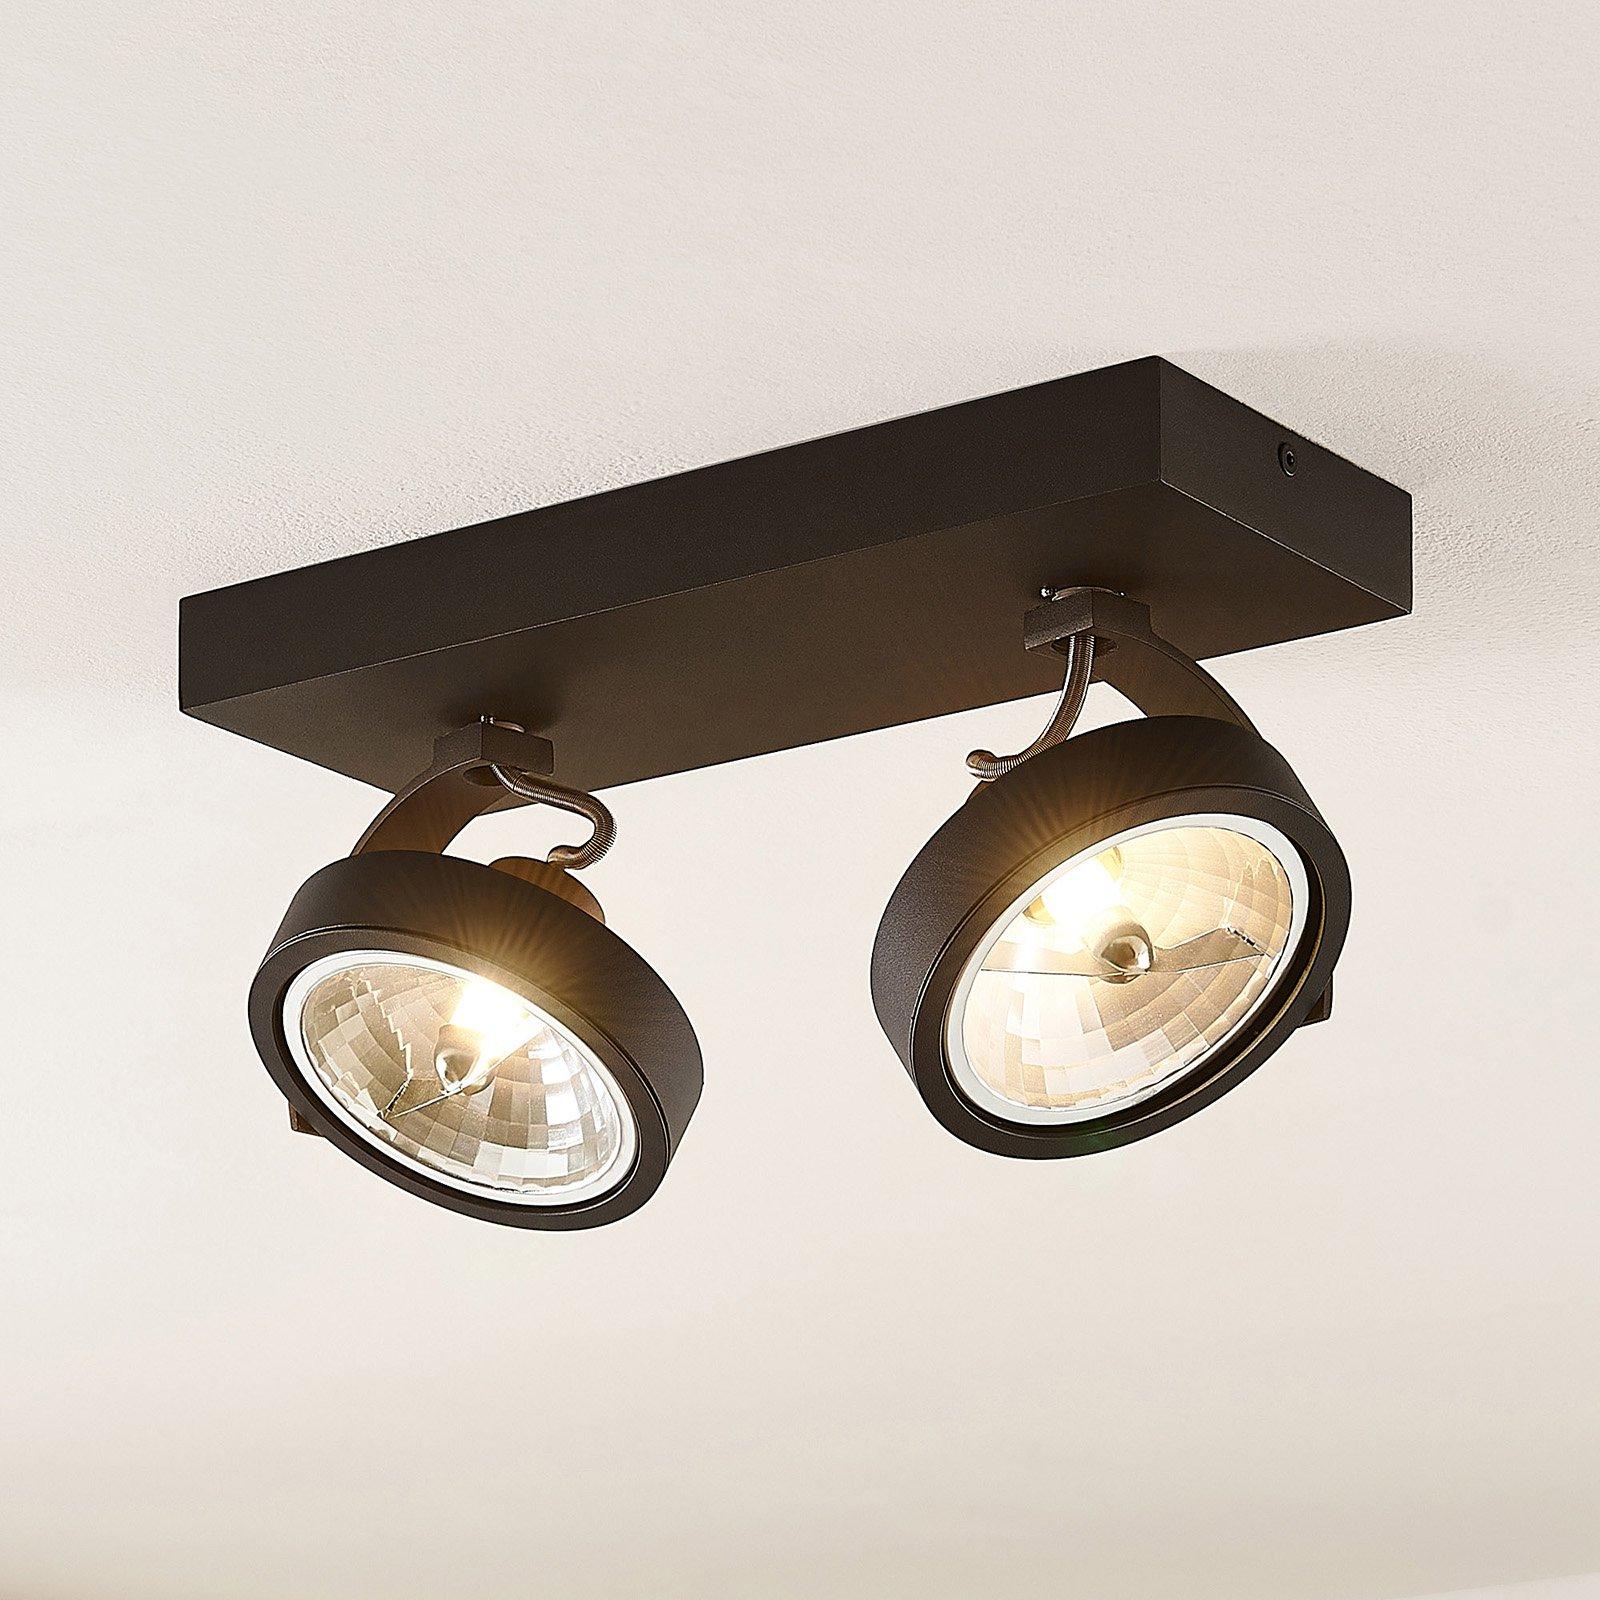 Arcchio Dagur-takspot, 2 lyskilder svart